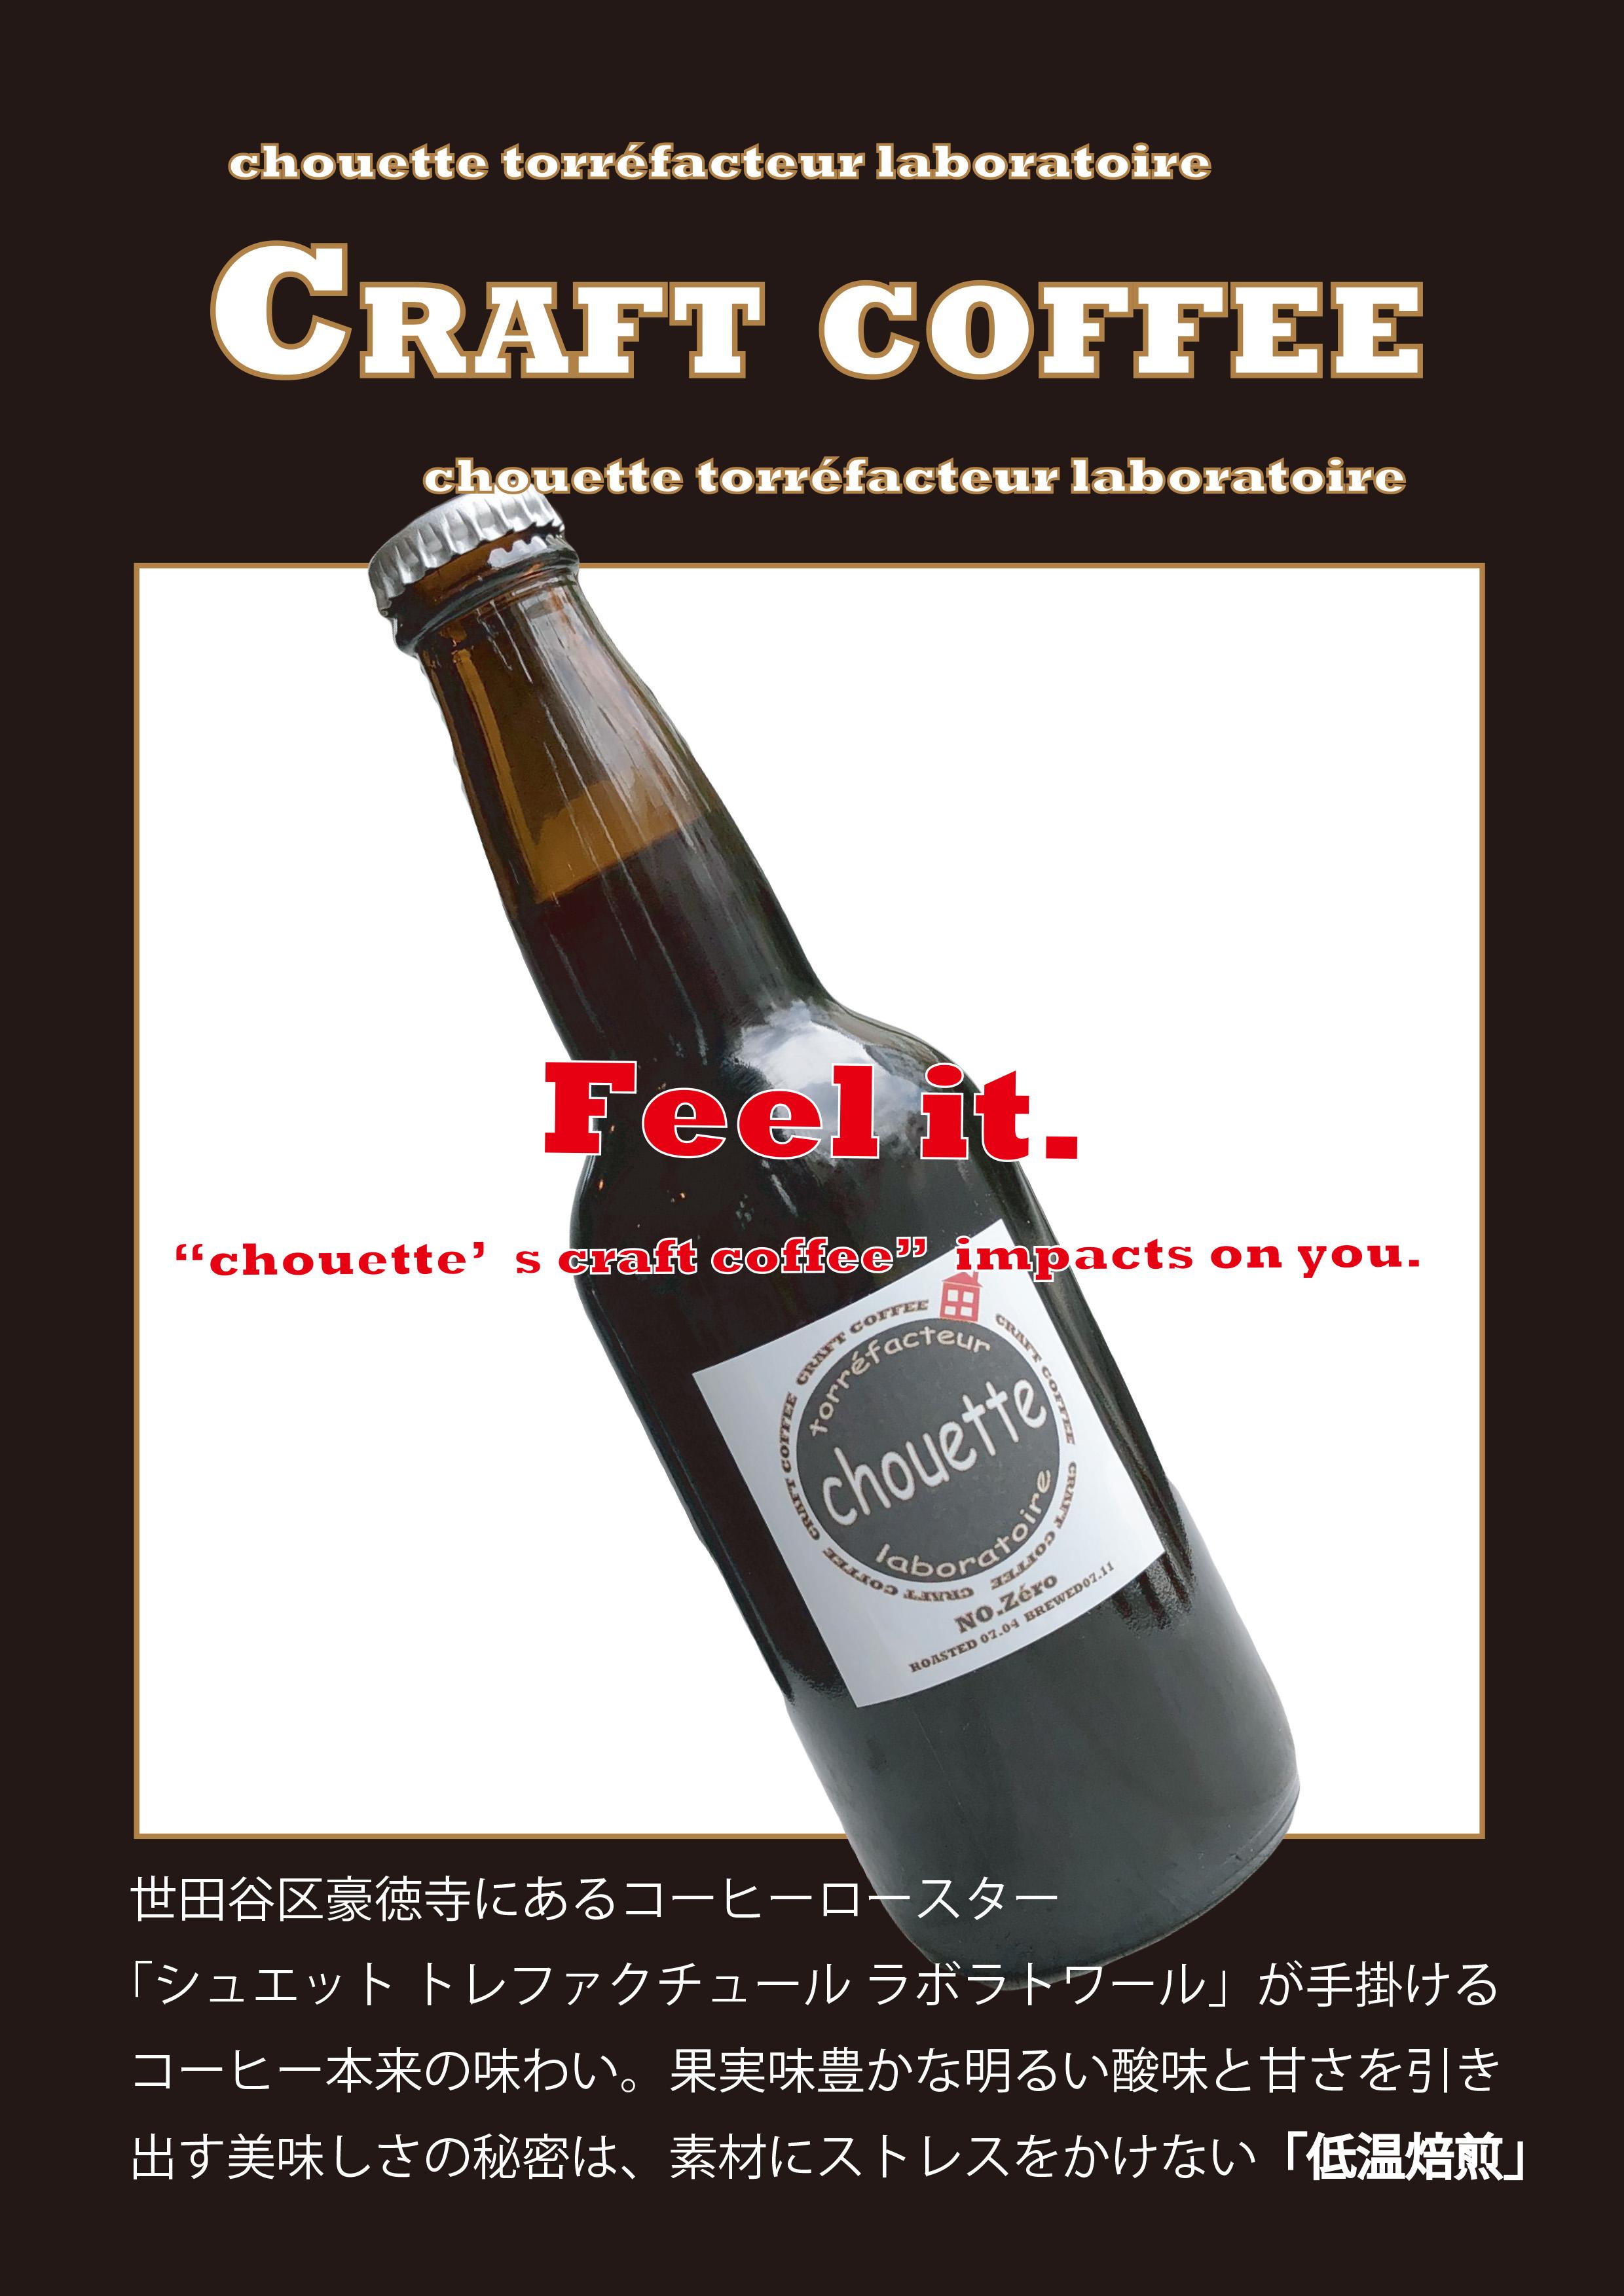 クラフトコーヒー